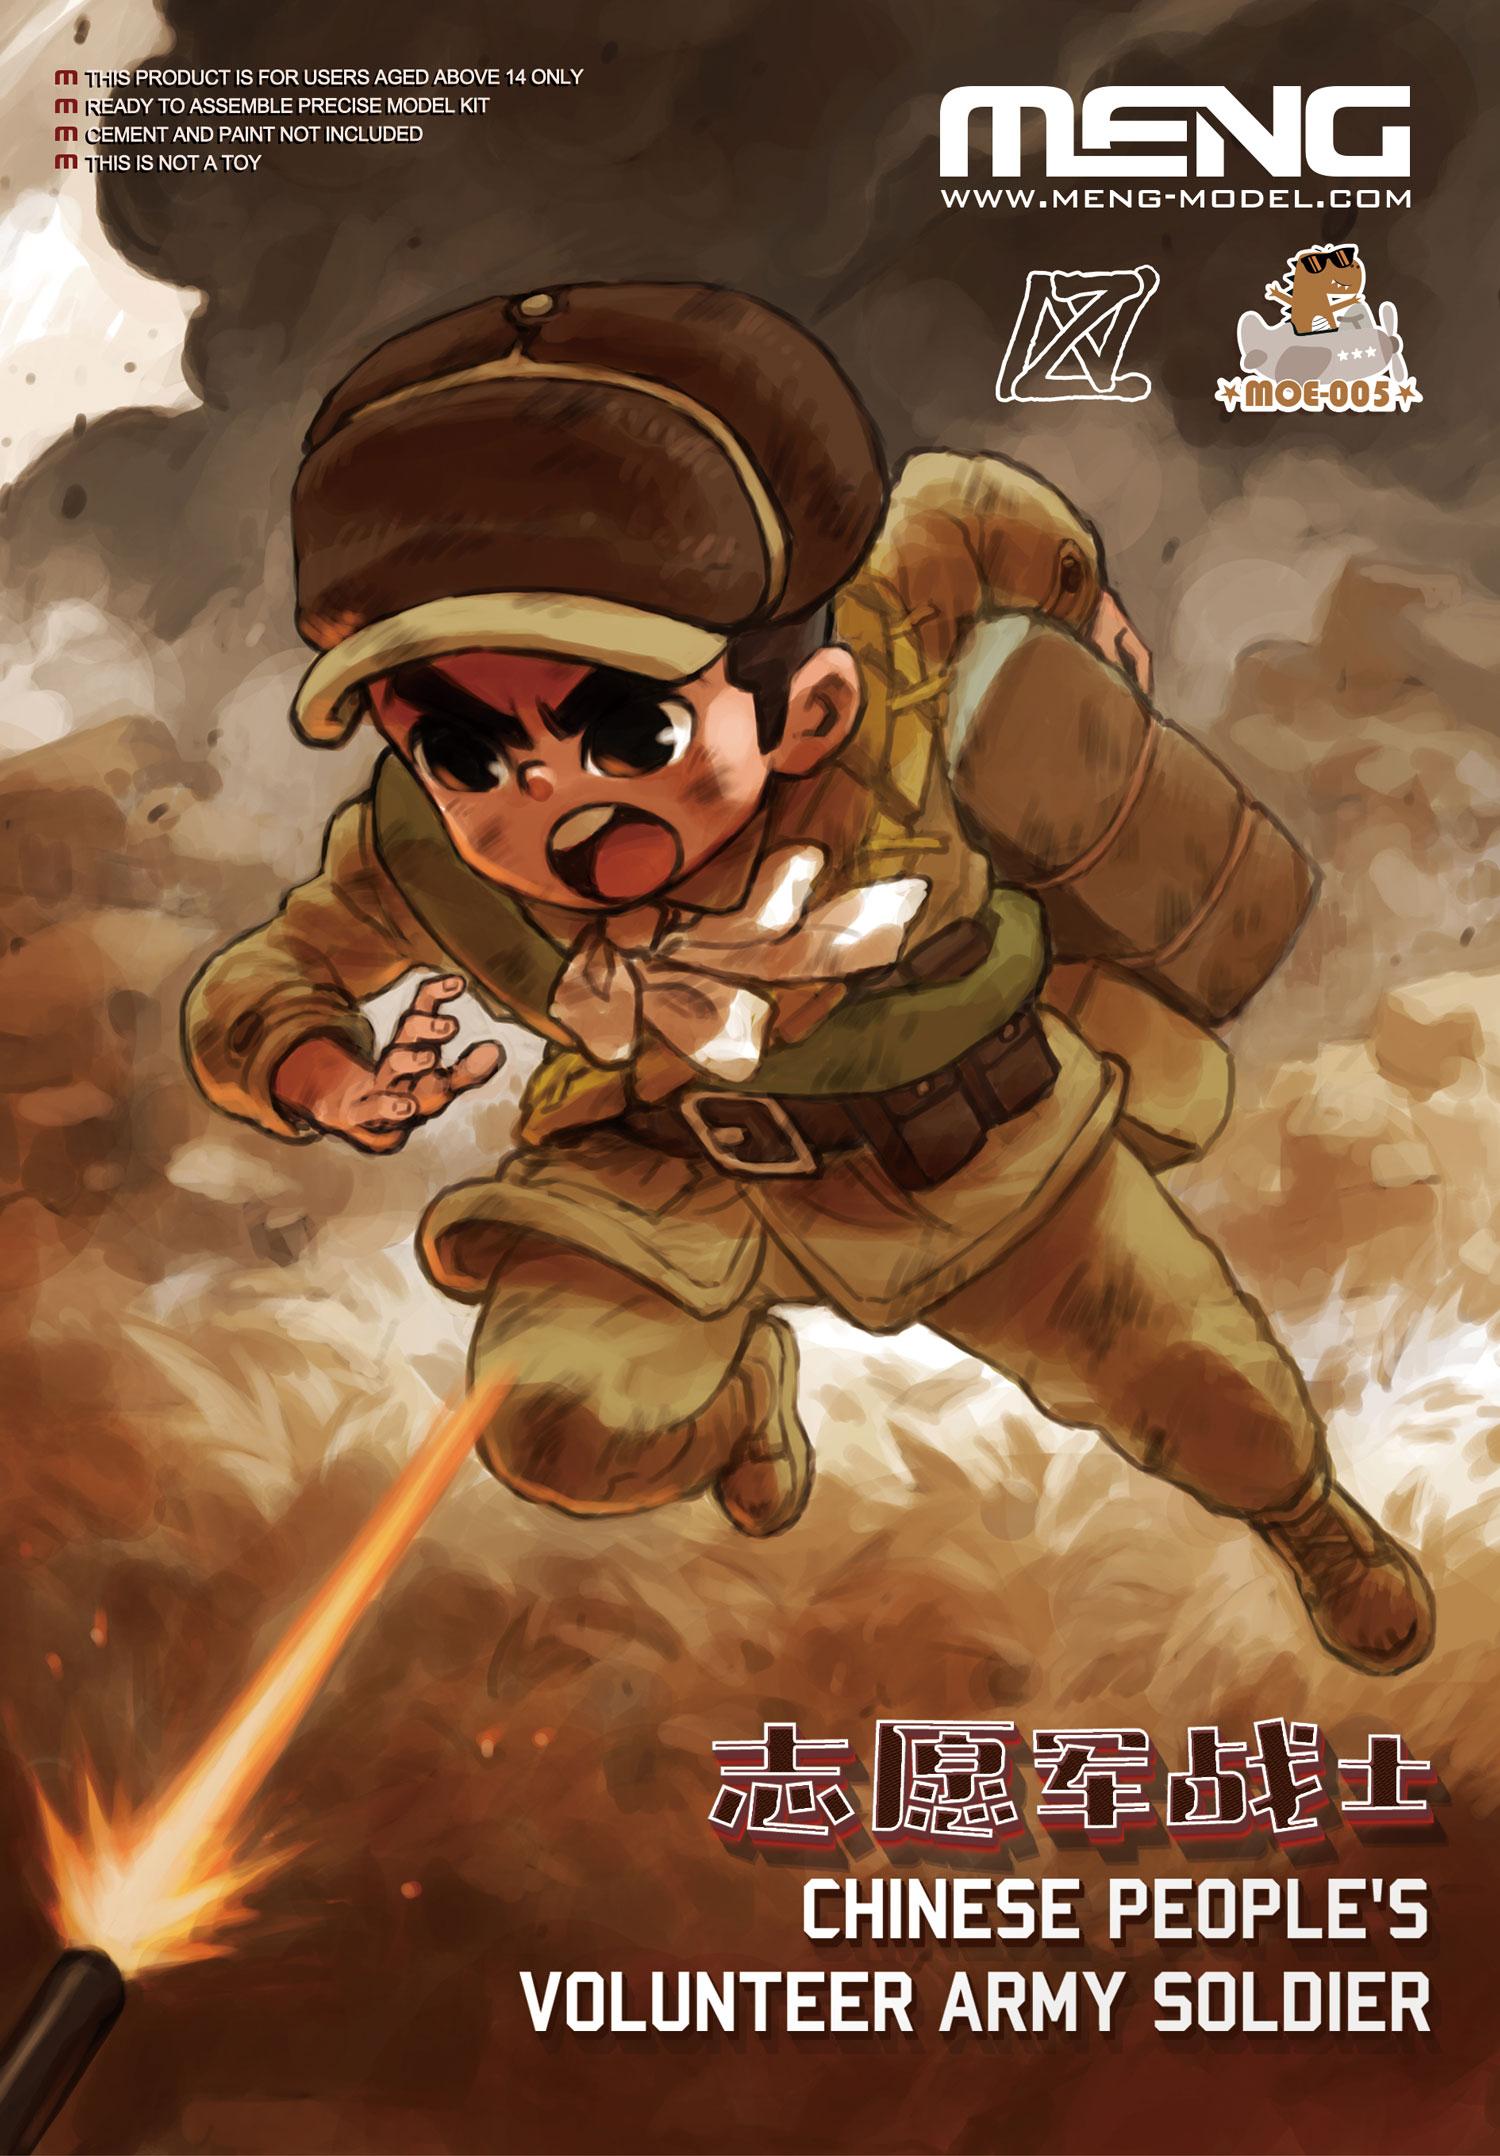 Meng Chinese People's Volunteer Army Soldier (Cartoon Model)